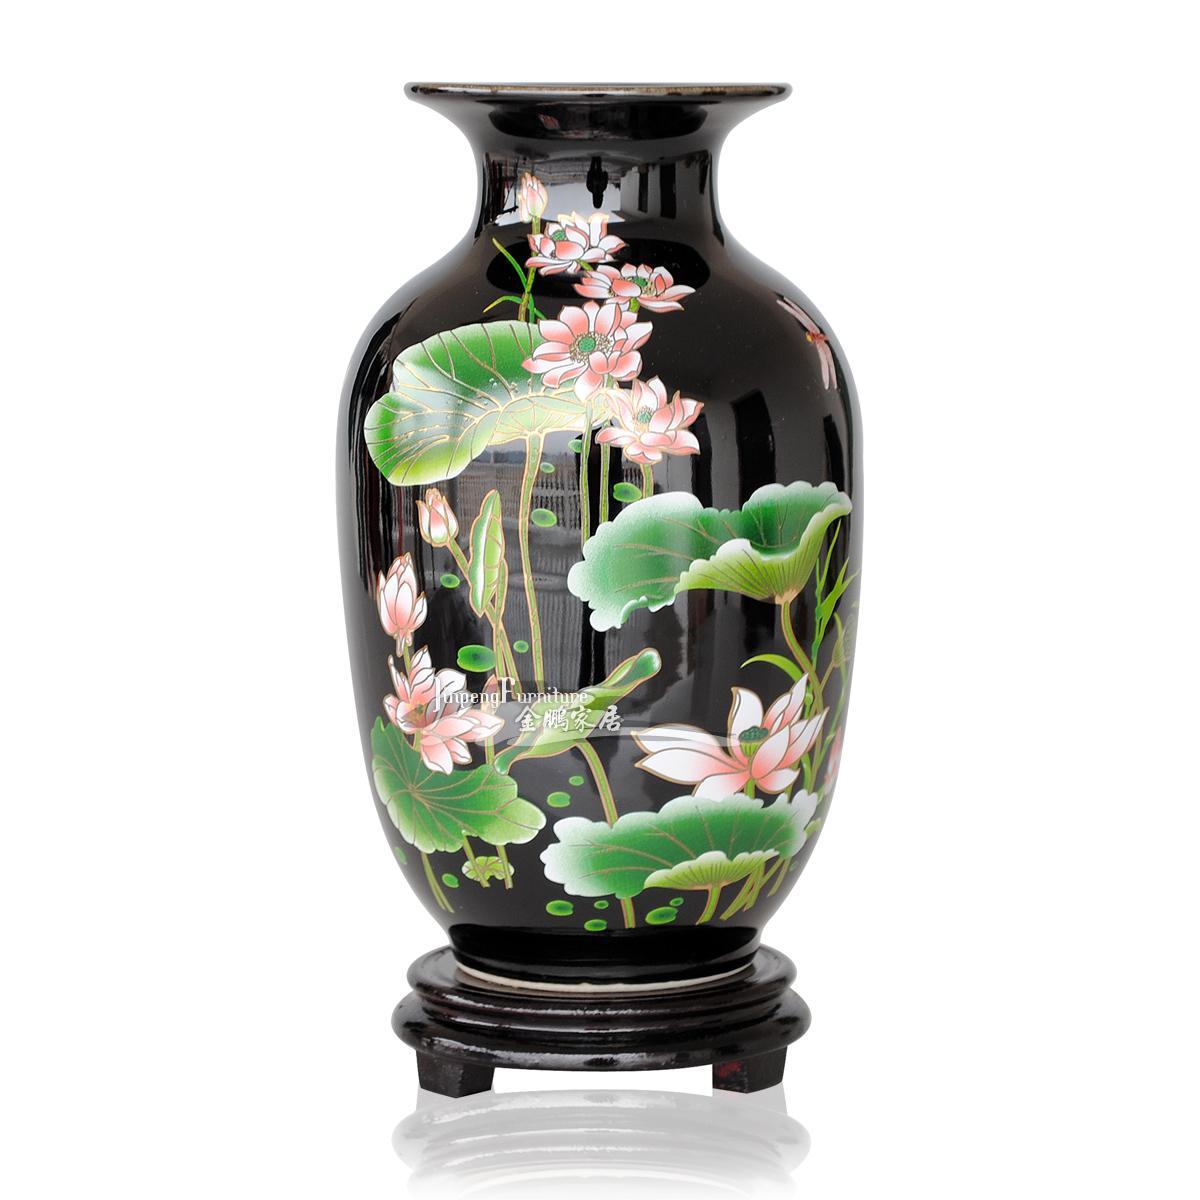 achetez en gros vases noir en ligne des grossistes vases noir chinois. Black Bedroom Furniture Sets. Home Design Ideas